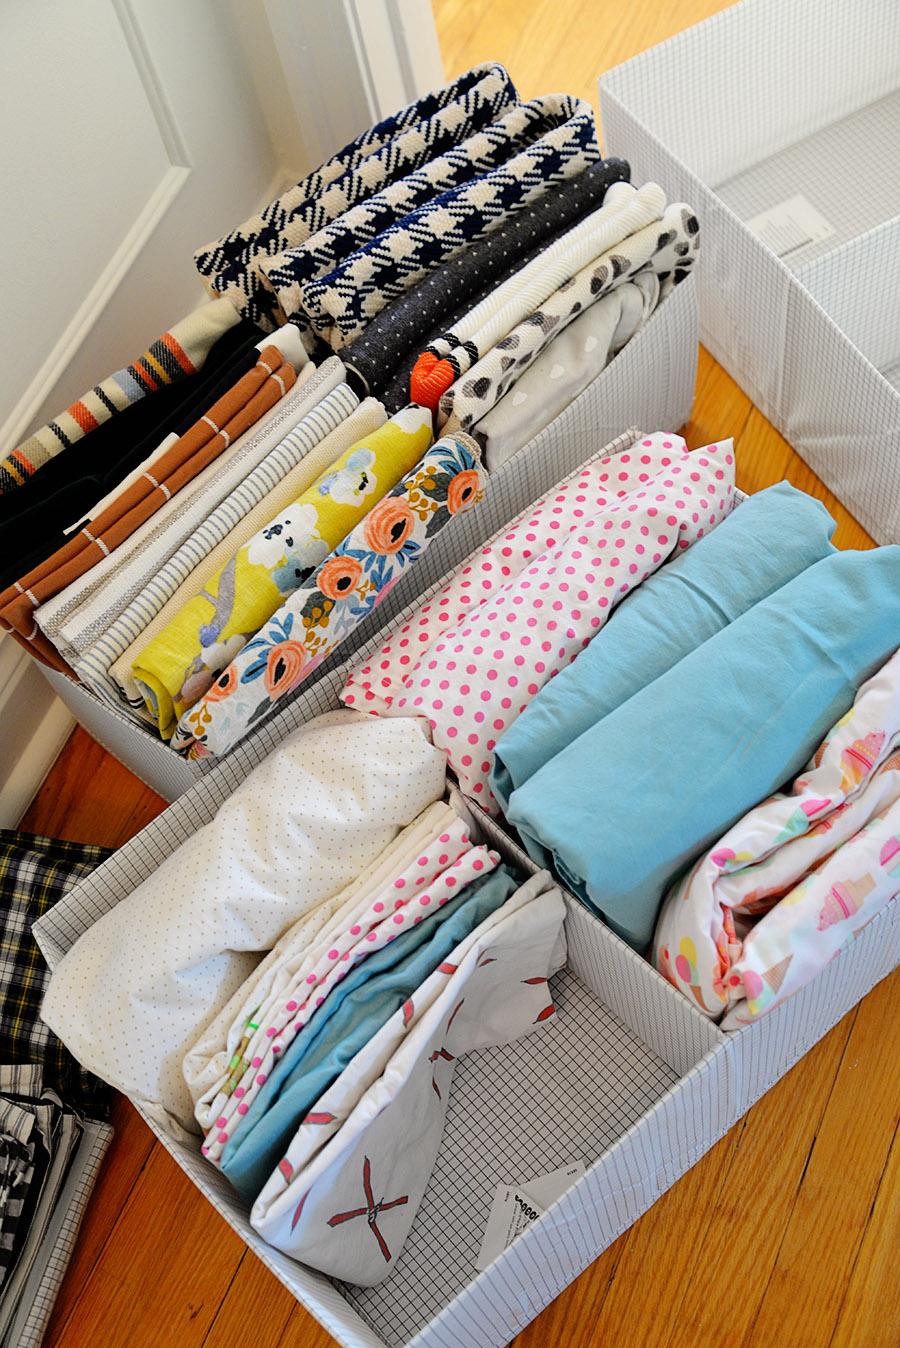 linen closet organization ideas, ideas for linen closet, how to store blankets, Ikea STUK organizers